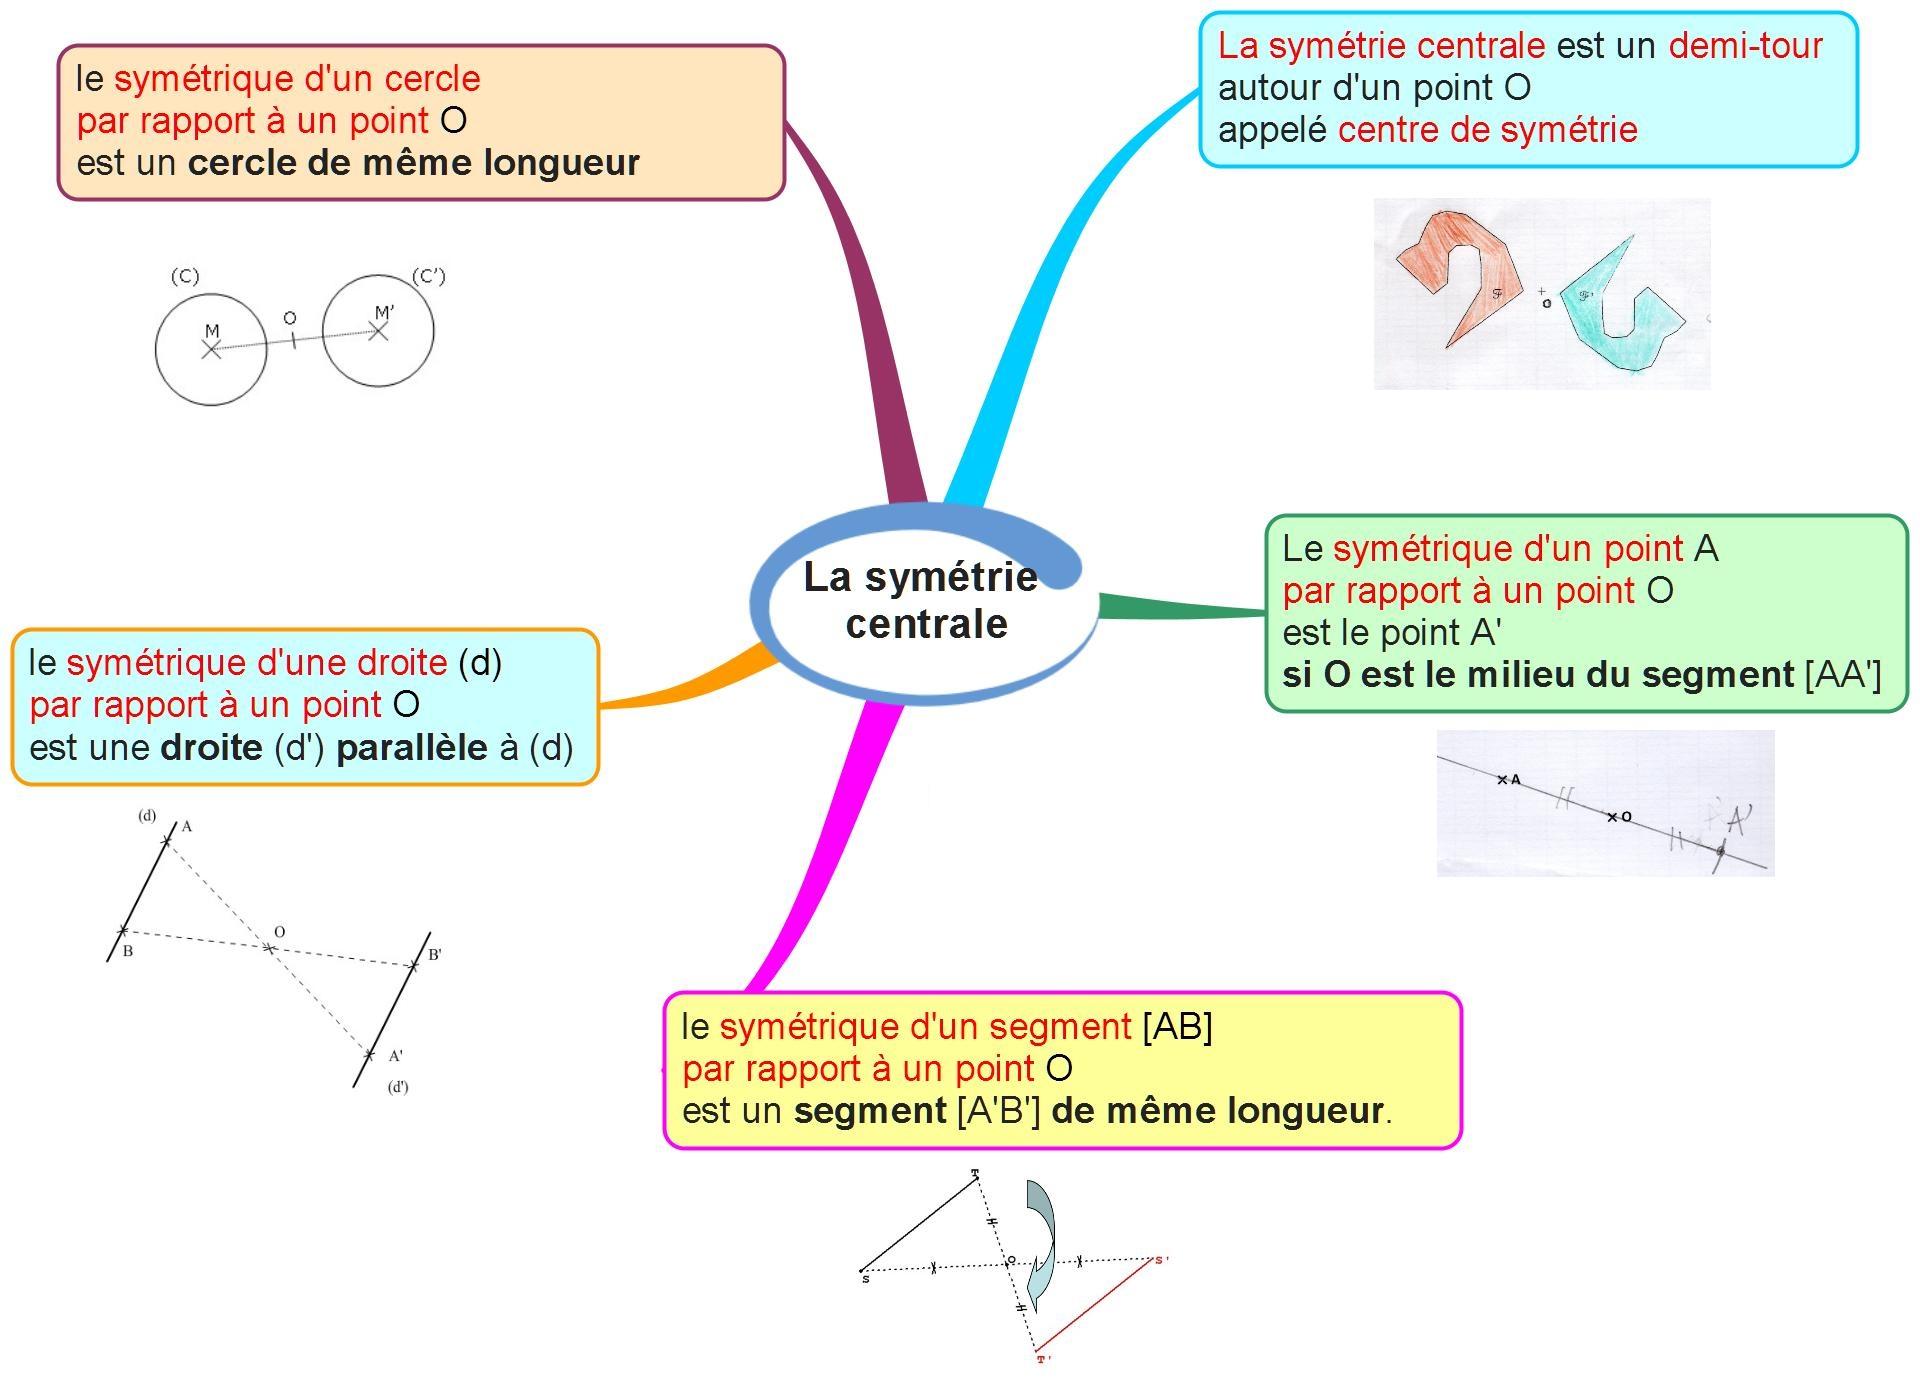 Symétrie Centrale : Cours De Maths En 5Ème Au Programme De dedans Symétrie A Imprimer